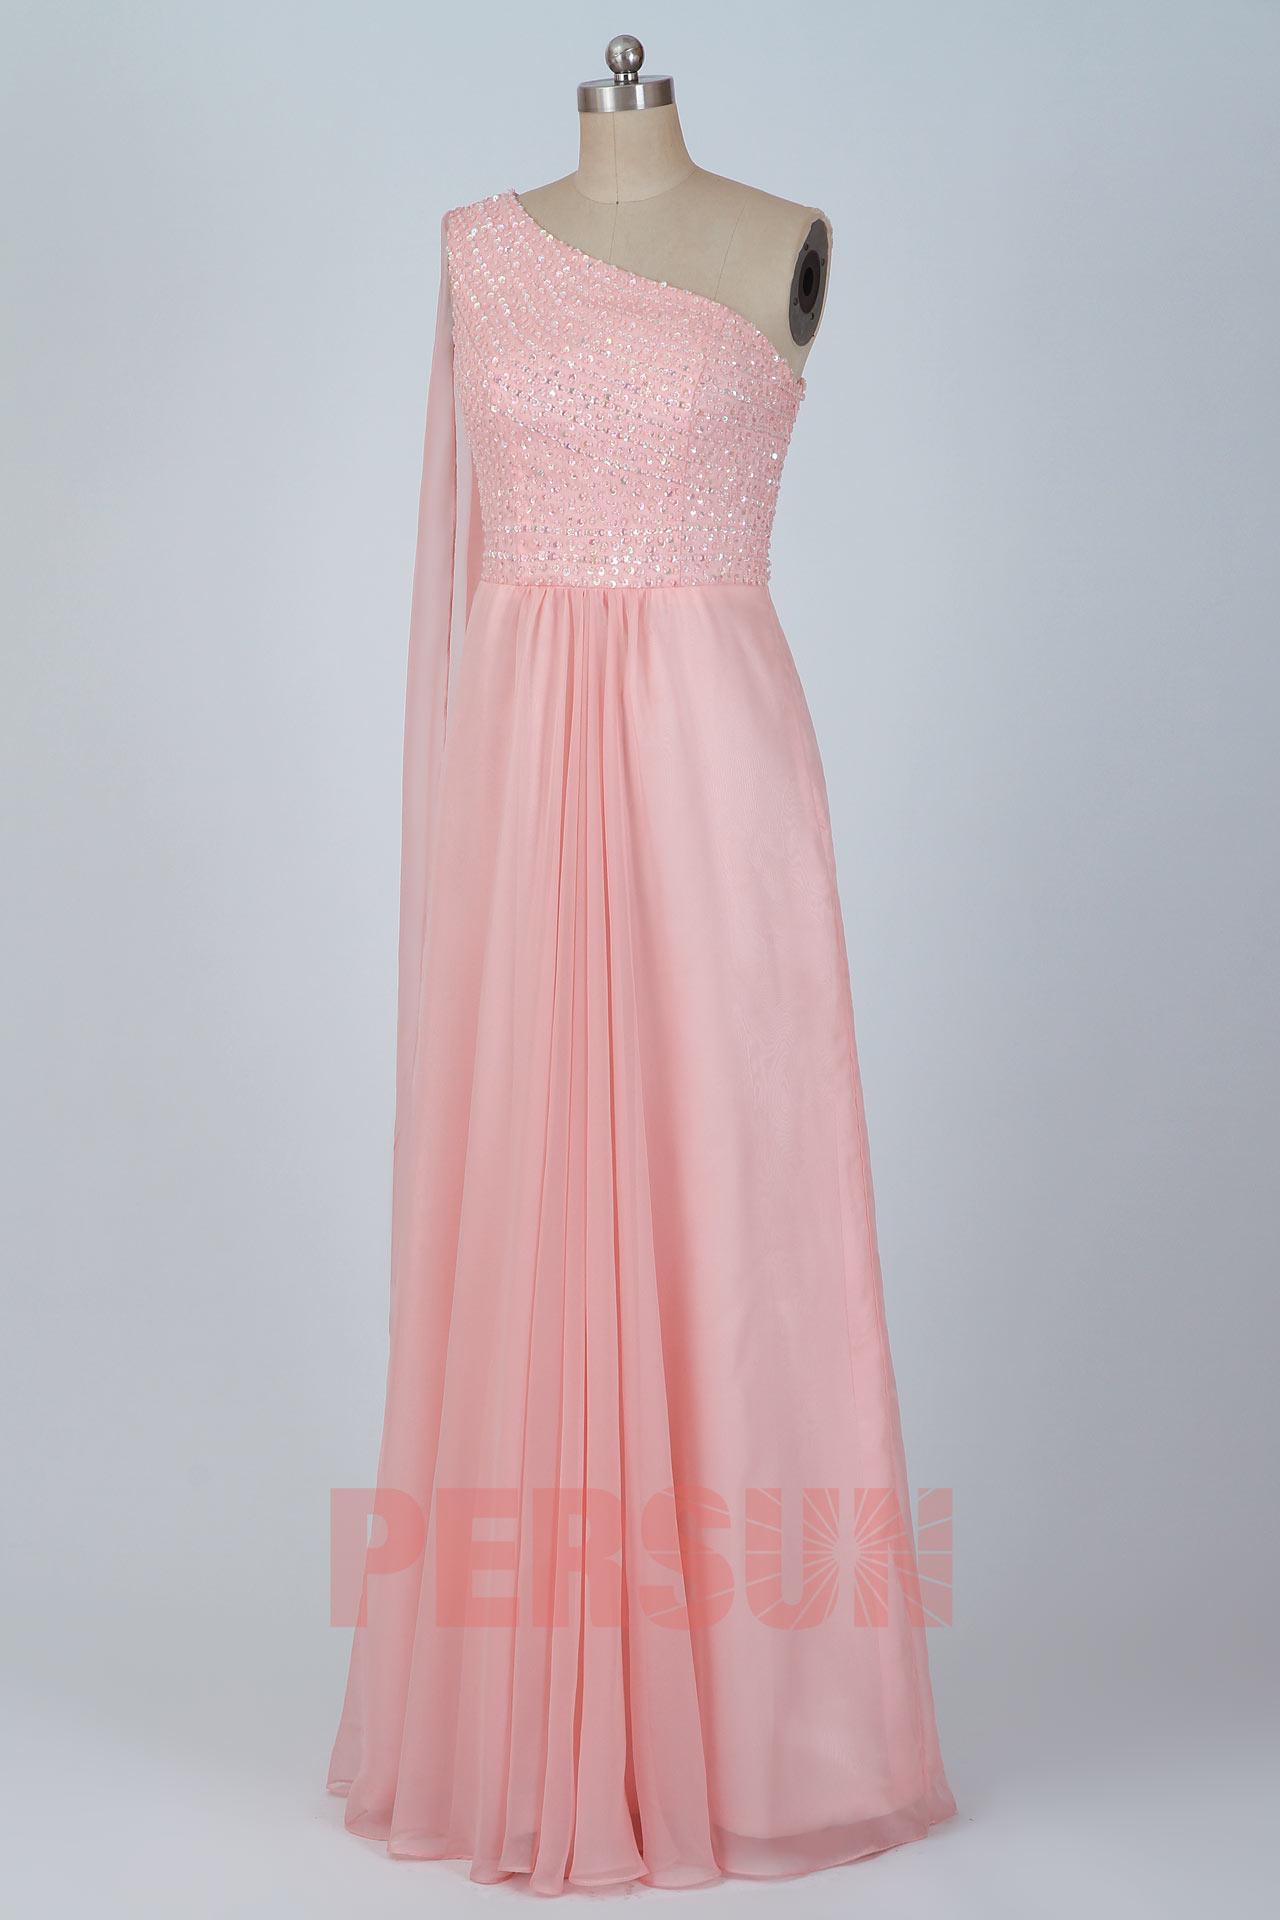 Soldes robe de bal rose asymétrique taille 40